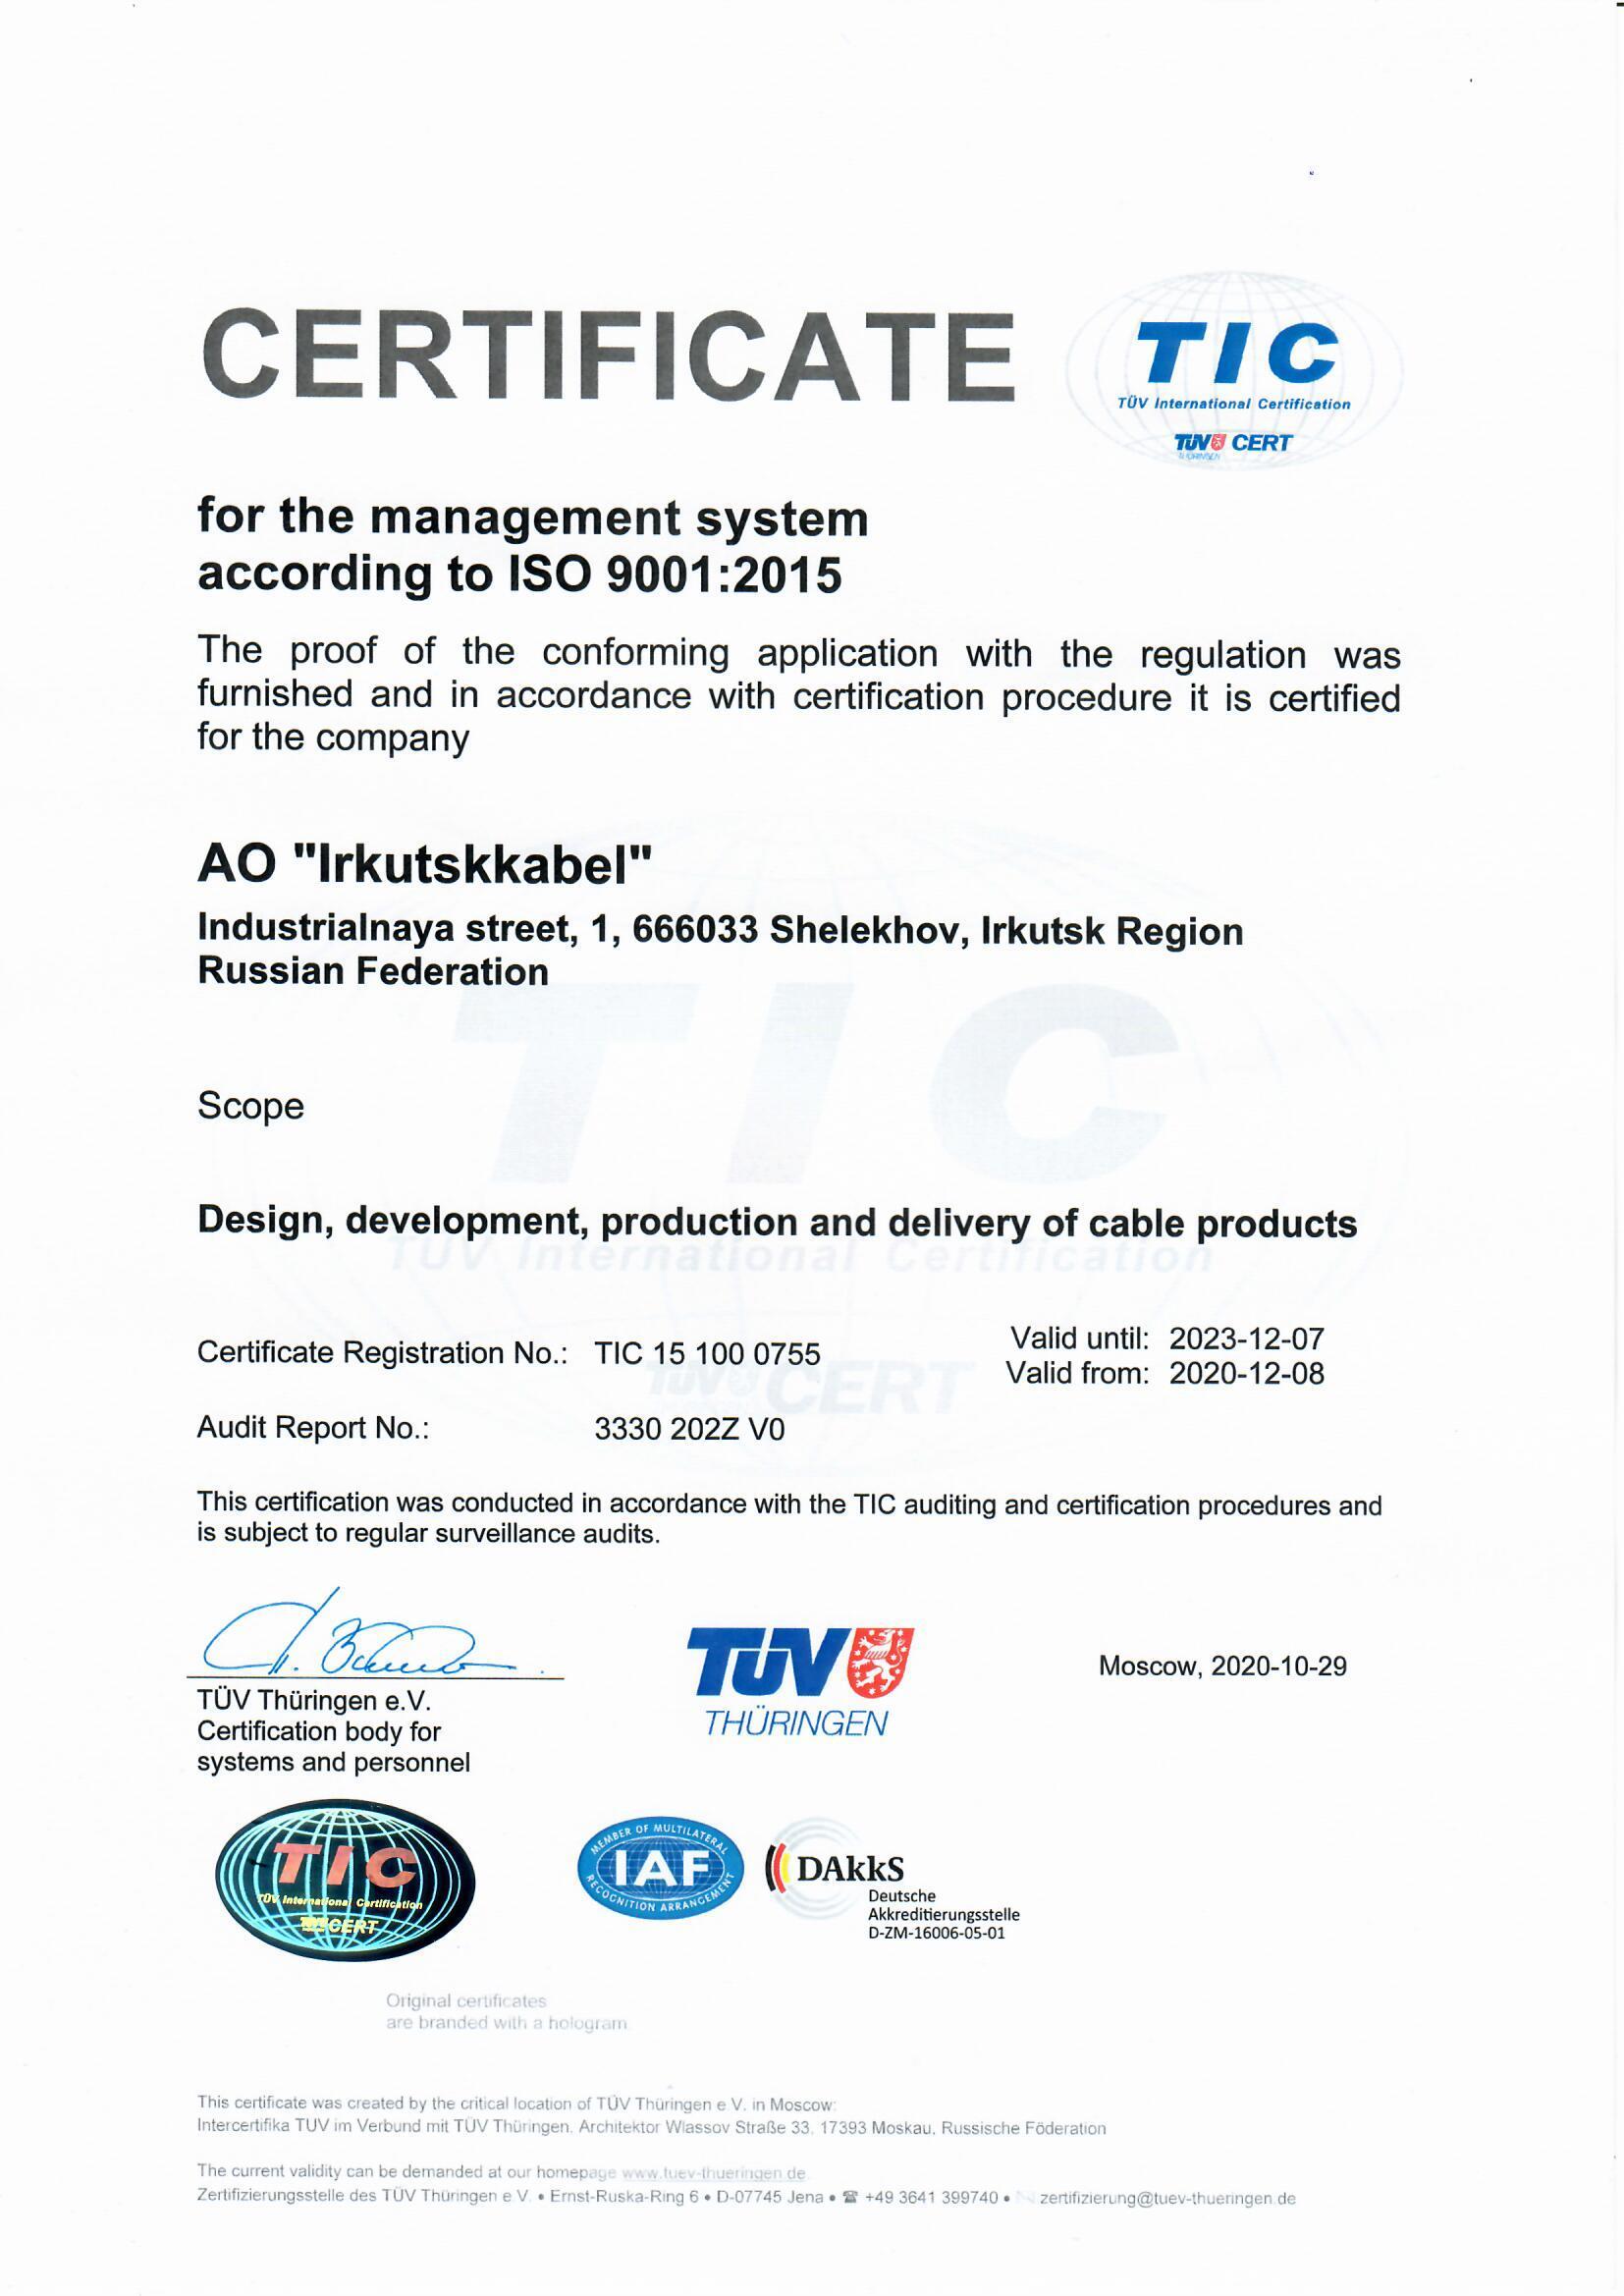 sertifikat-iso-9001-anglijskij